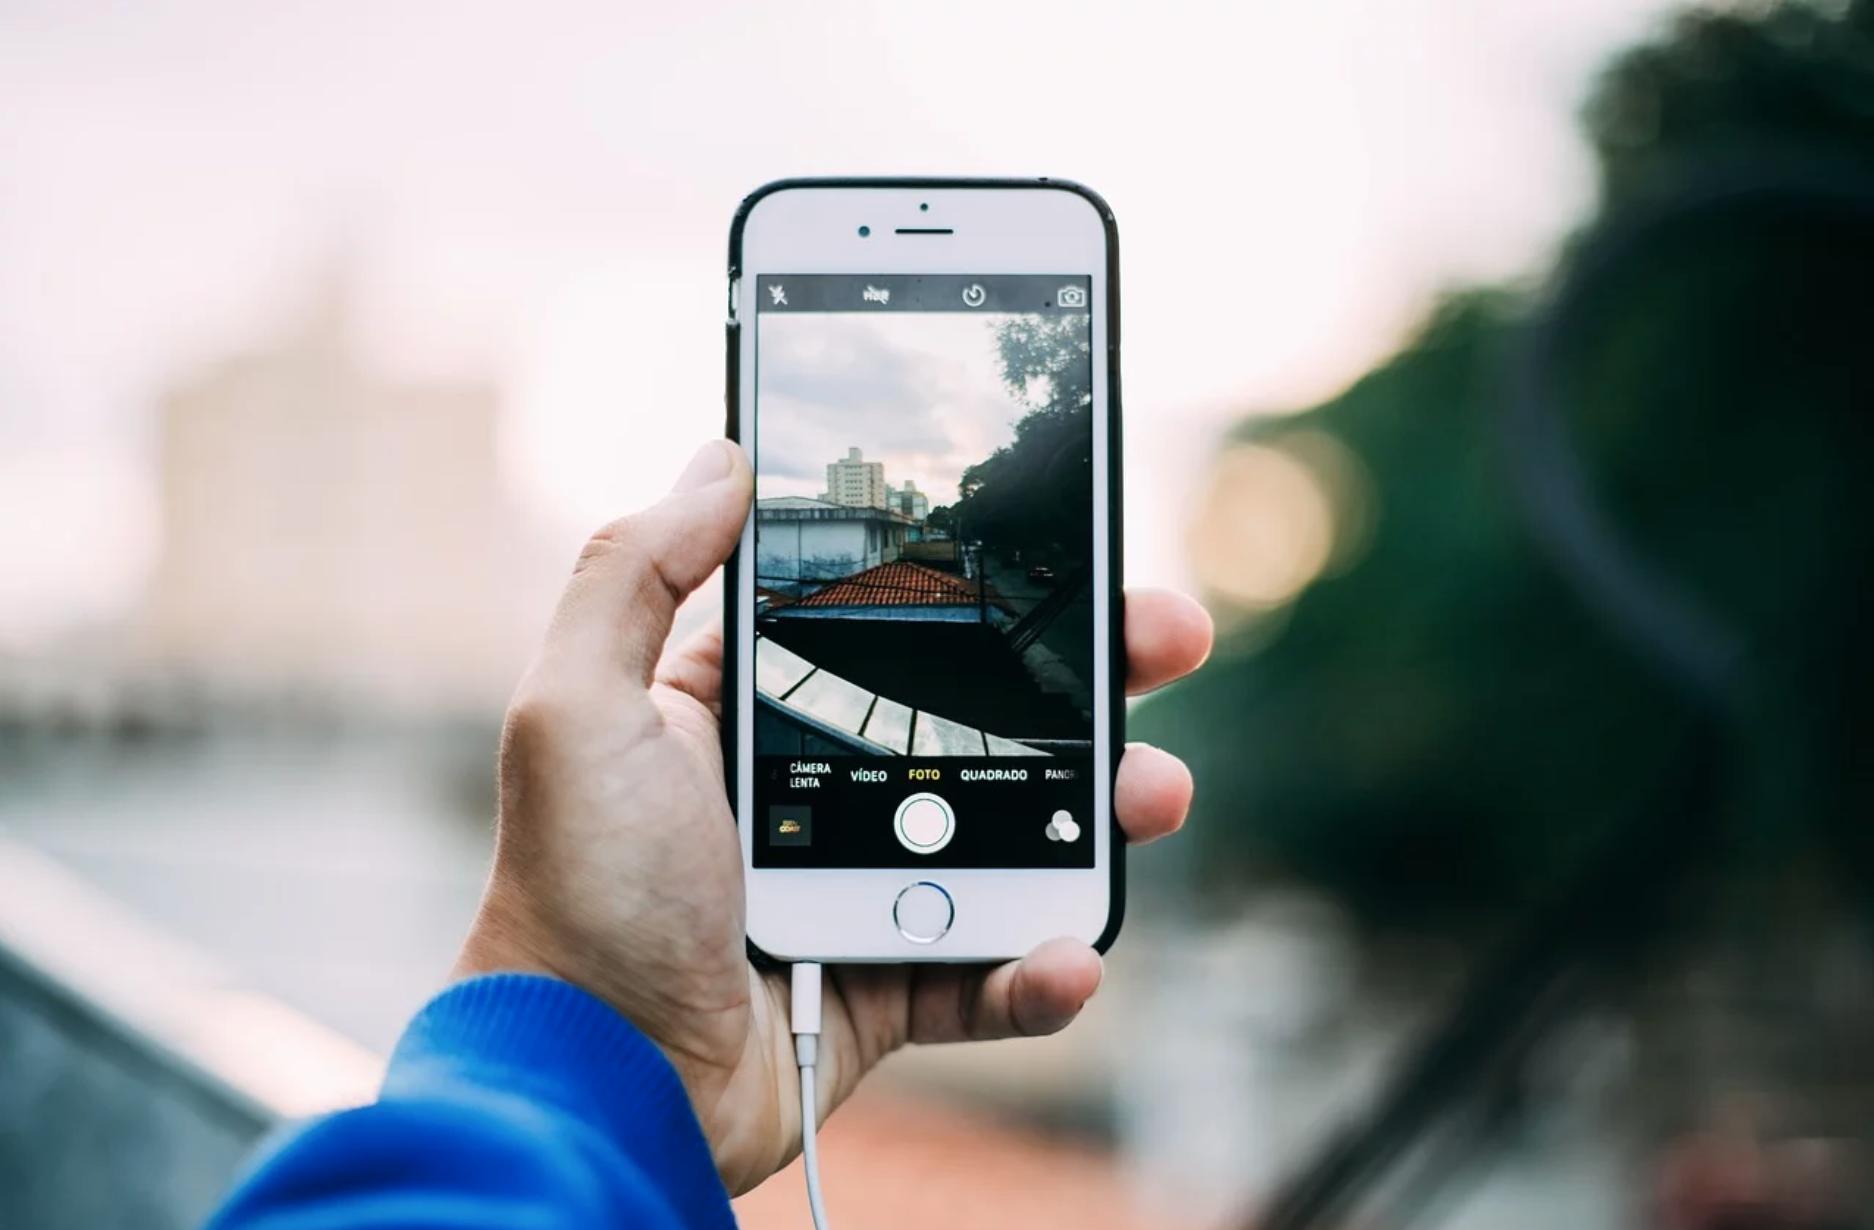 휴대폰 중고가격 분석 1편 - 아이폰vs갤럭시 중고 휴대폰 가격 및 추이 분석